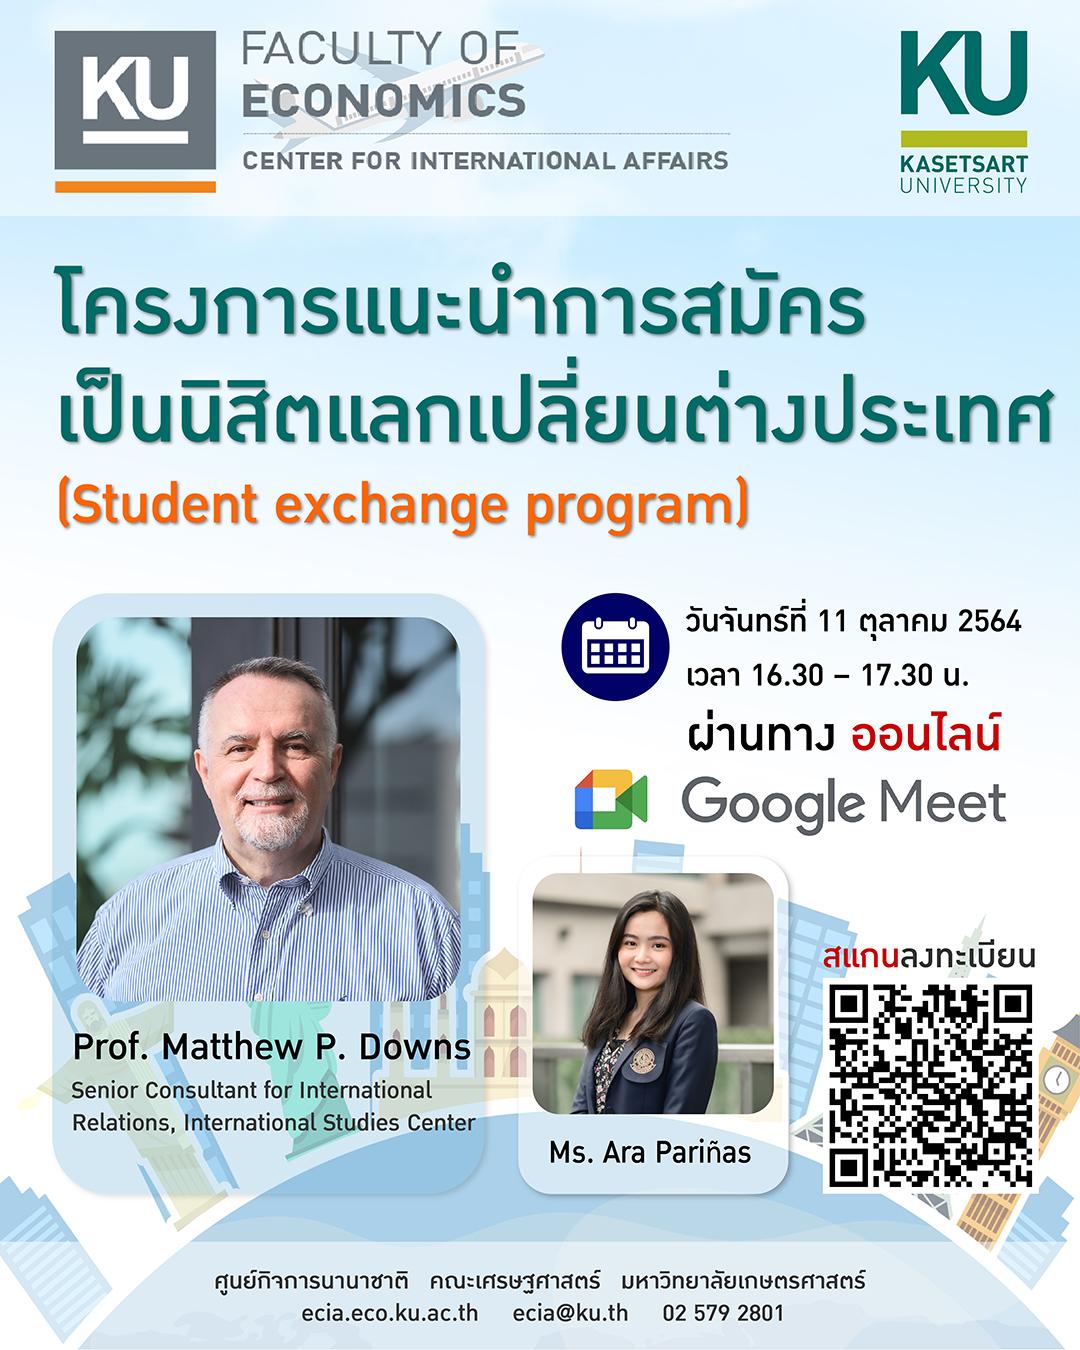 แนะนำการสมัครเป็นนิสิตแลกเปลี่ยนต่างประเทศ (Student Exchange Program)